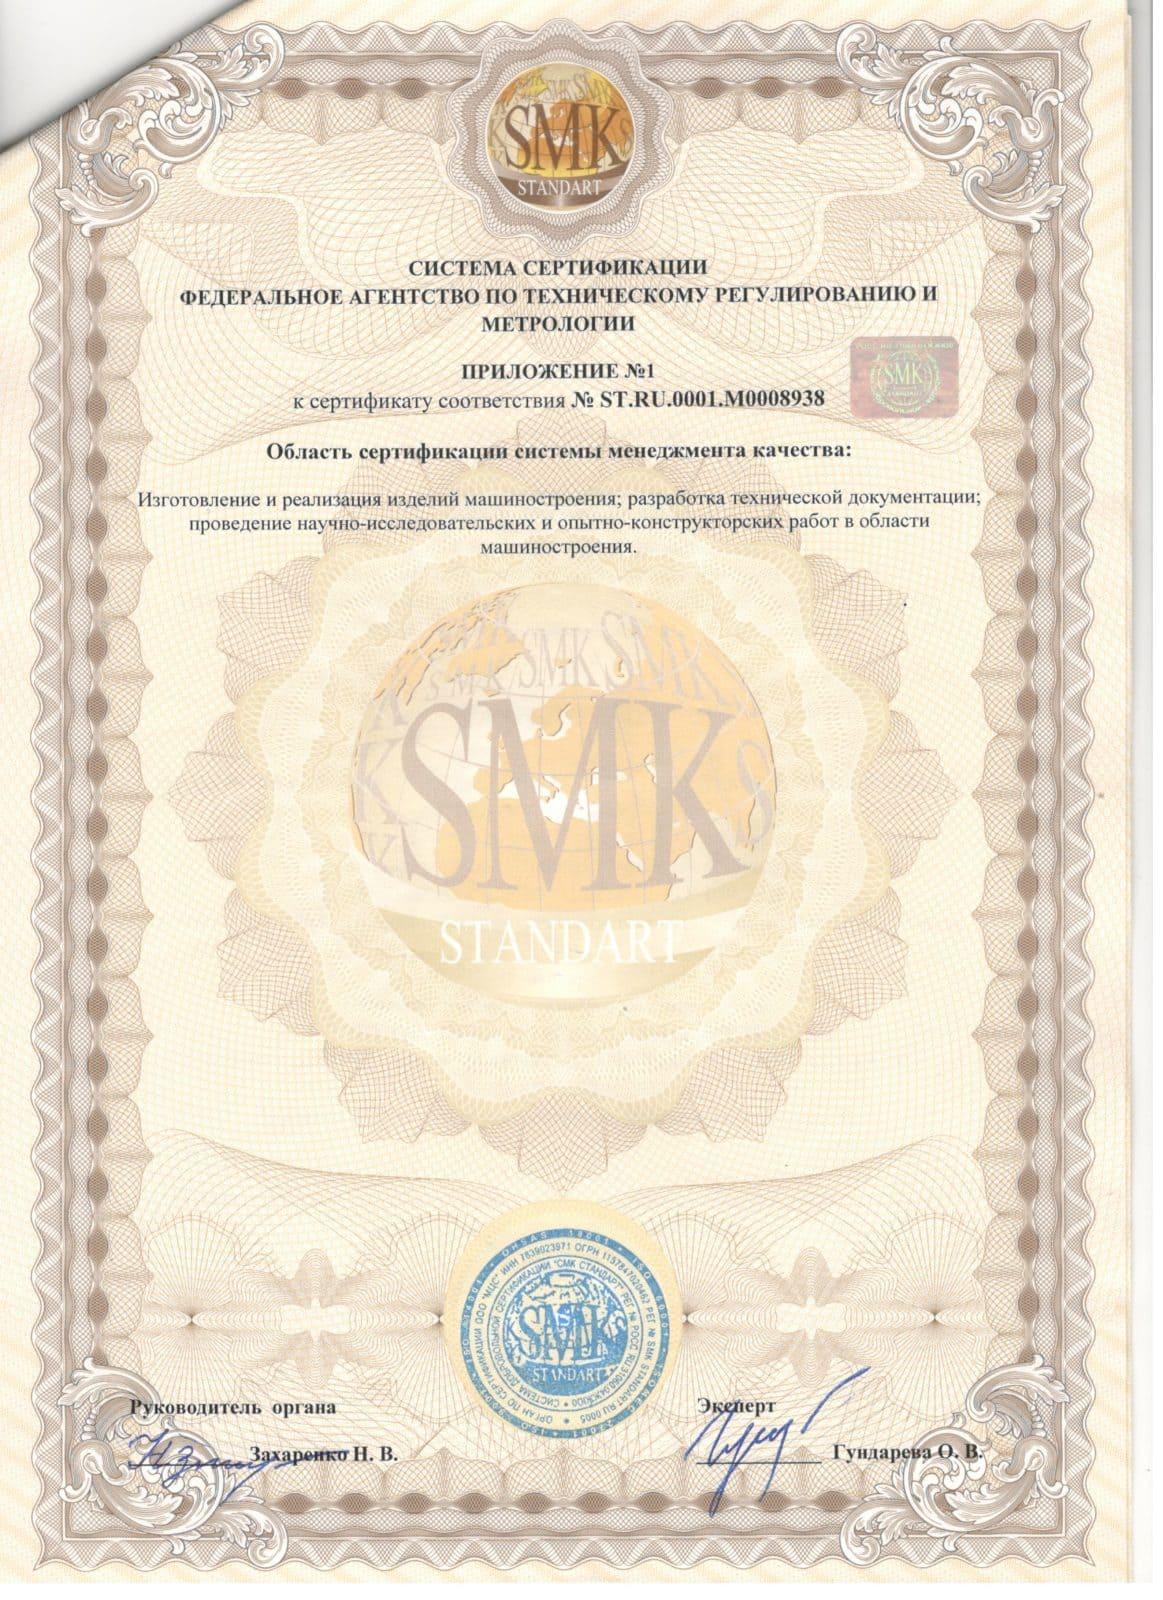 Документация и сертификаты качества